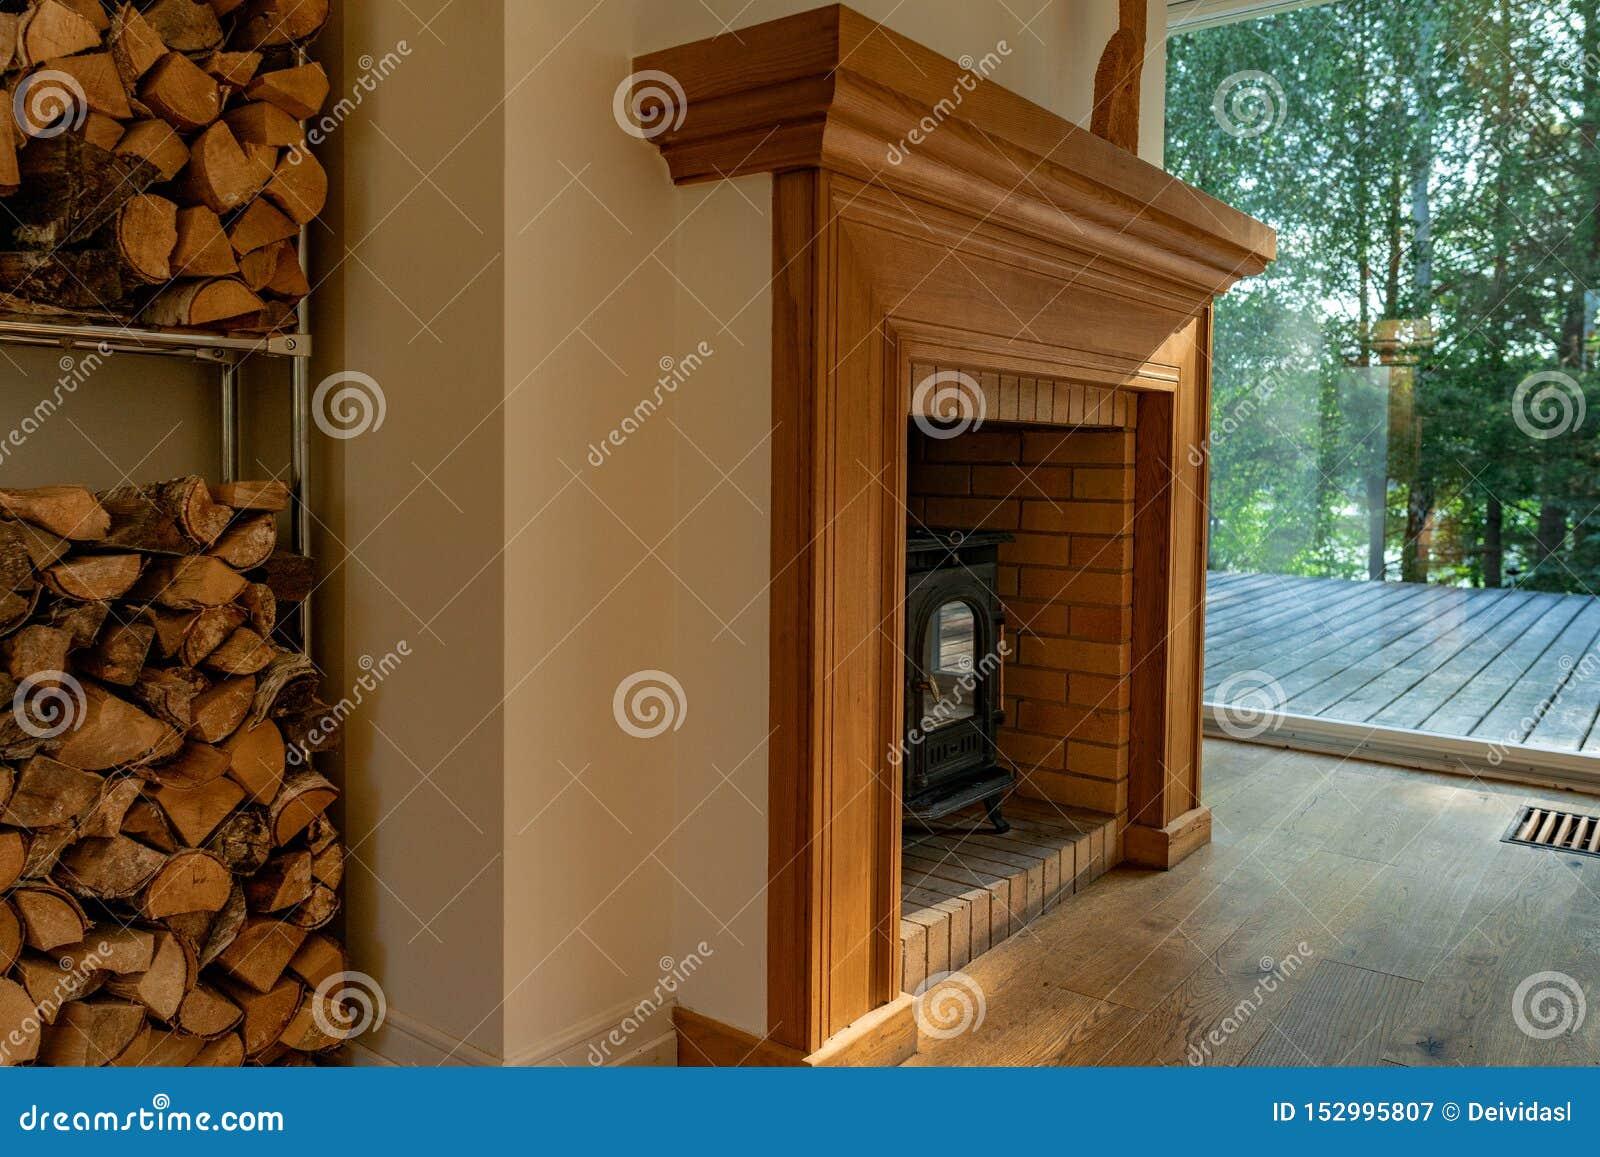 壁炉在客厅